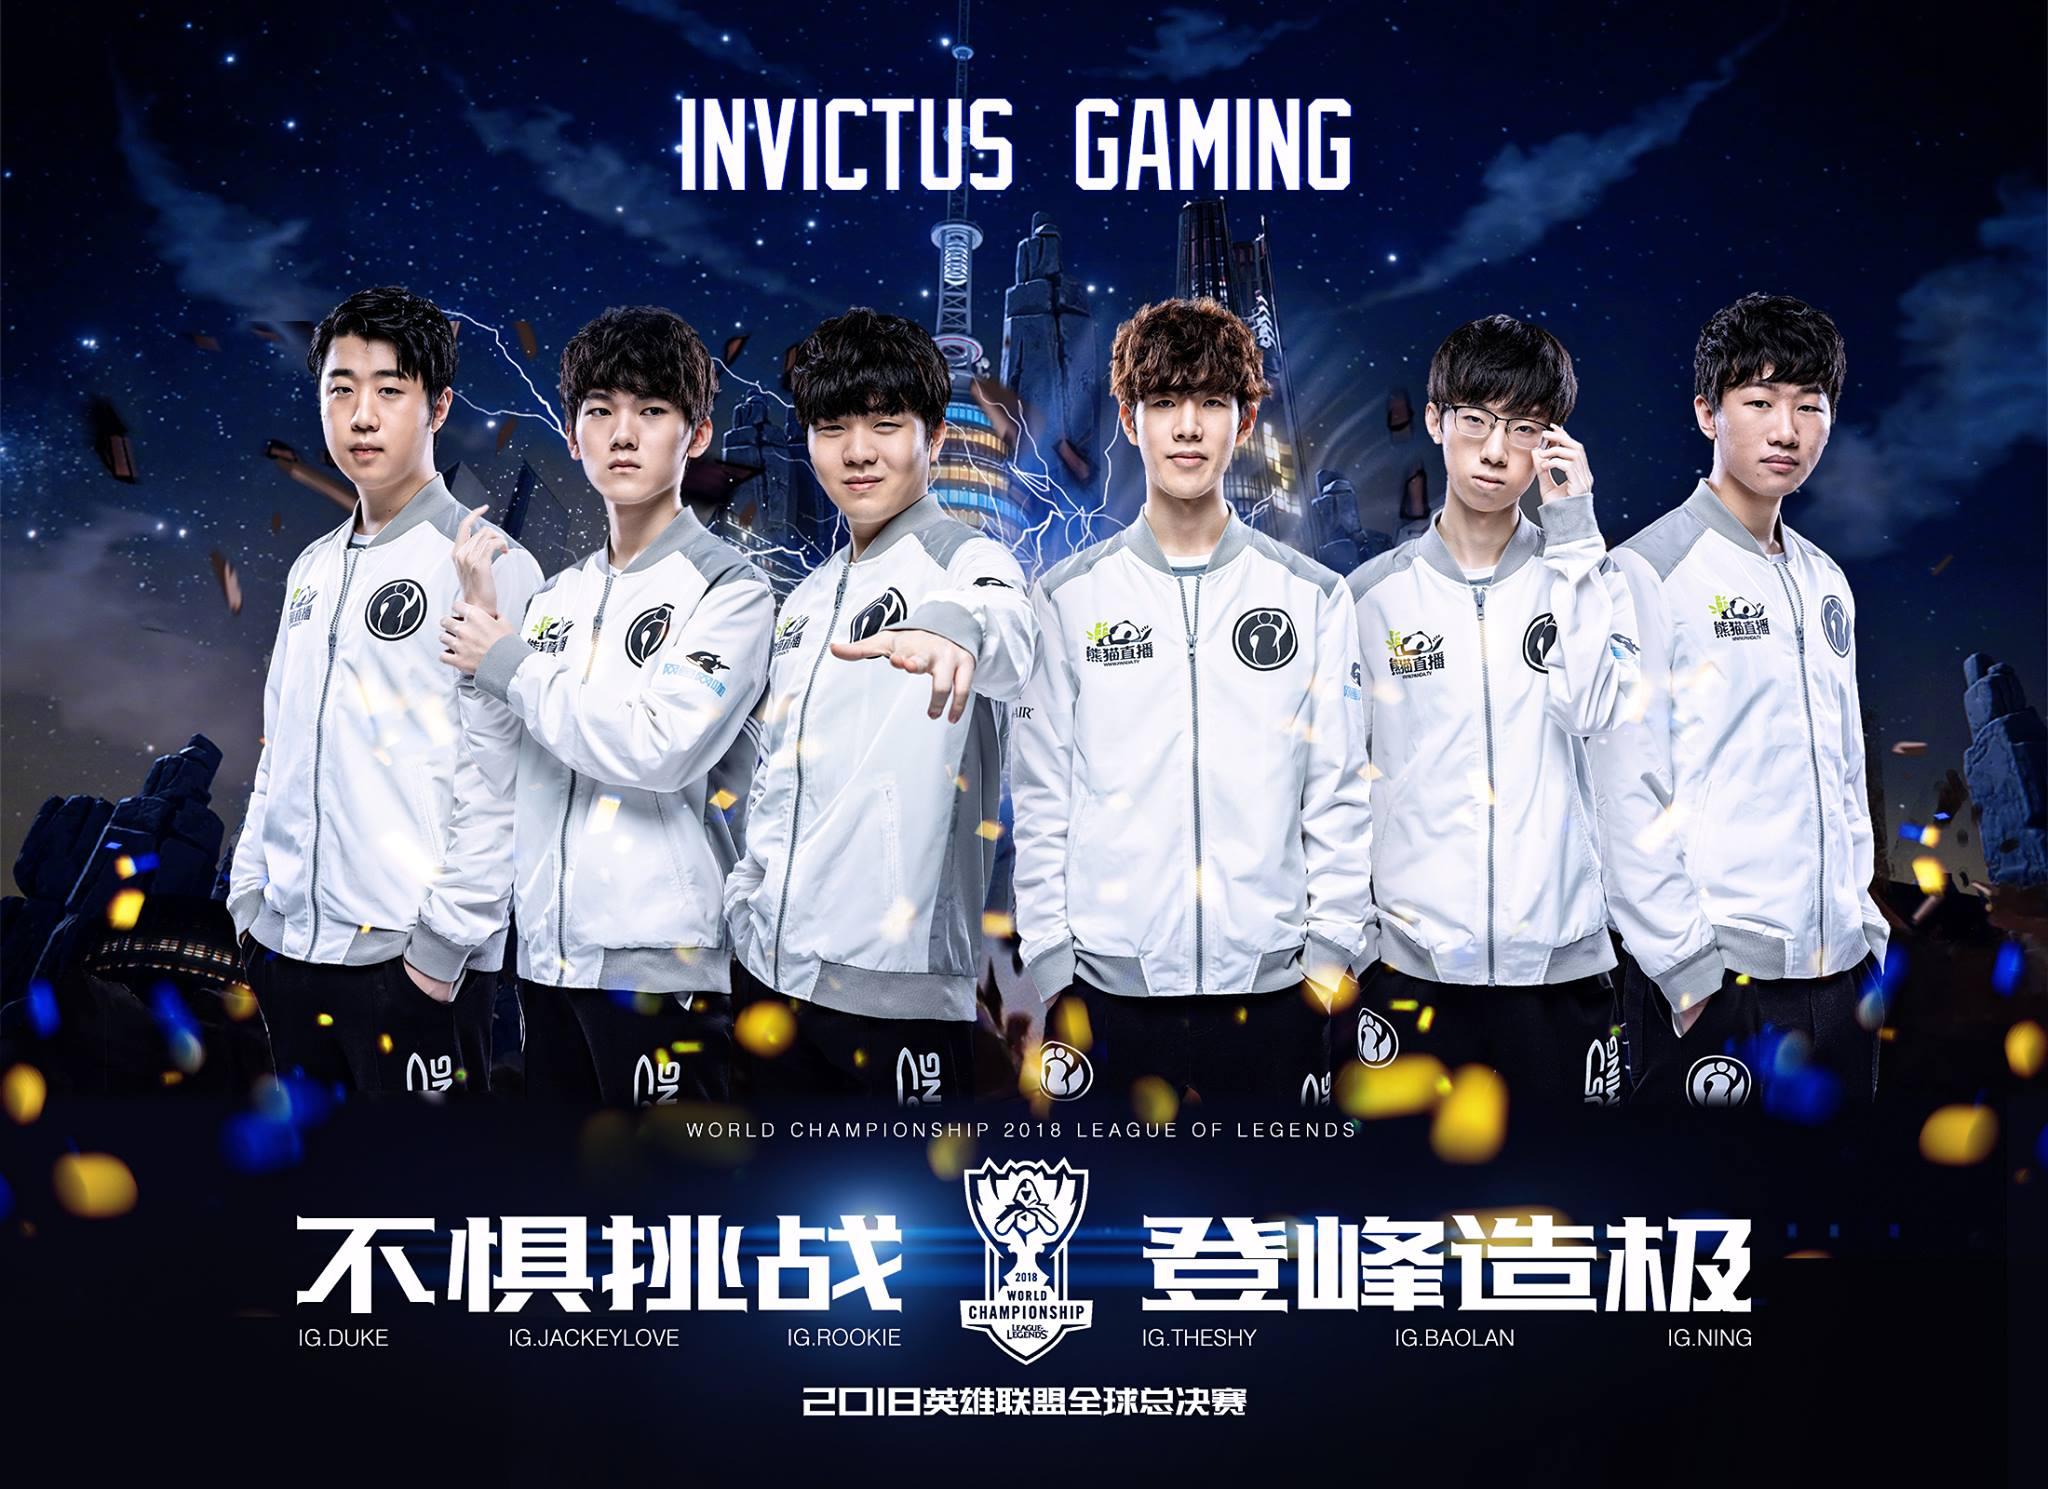 Invitus-Gaming-bild